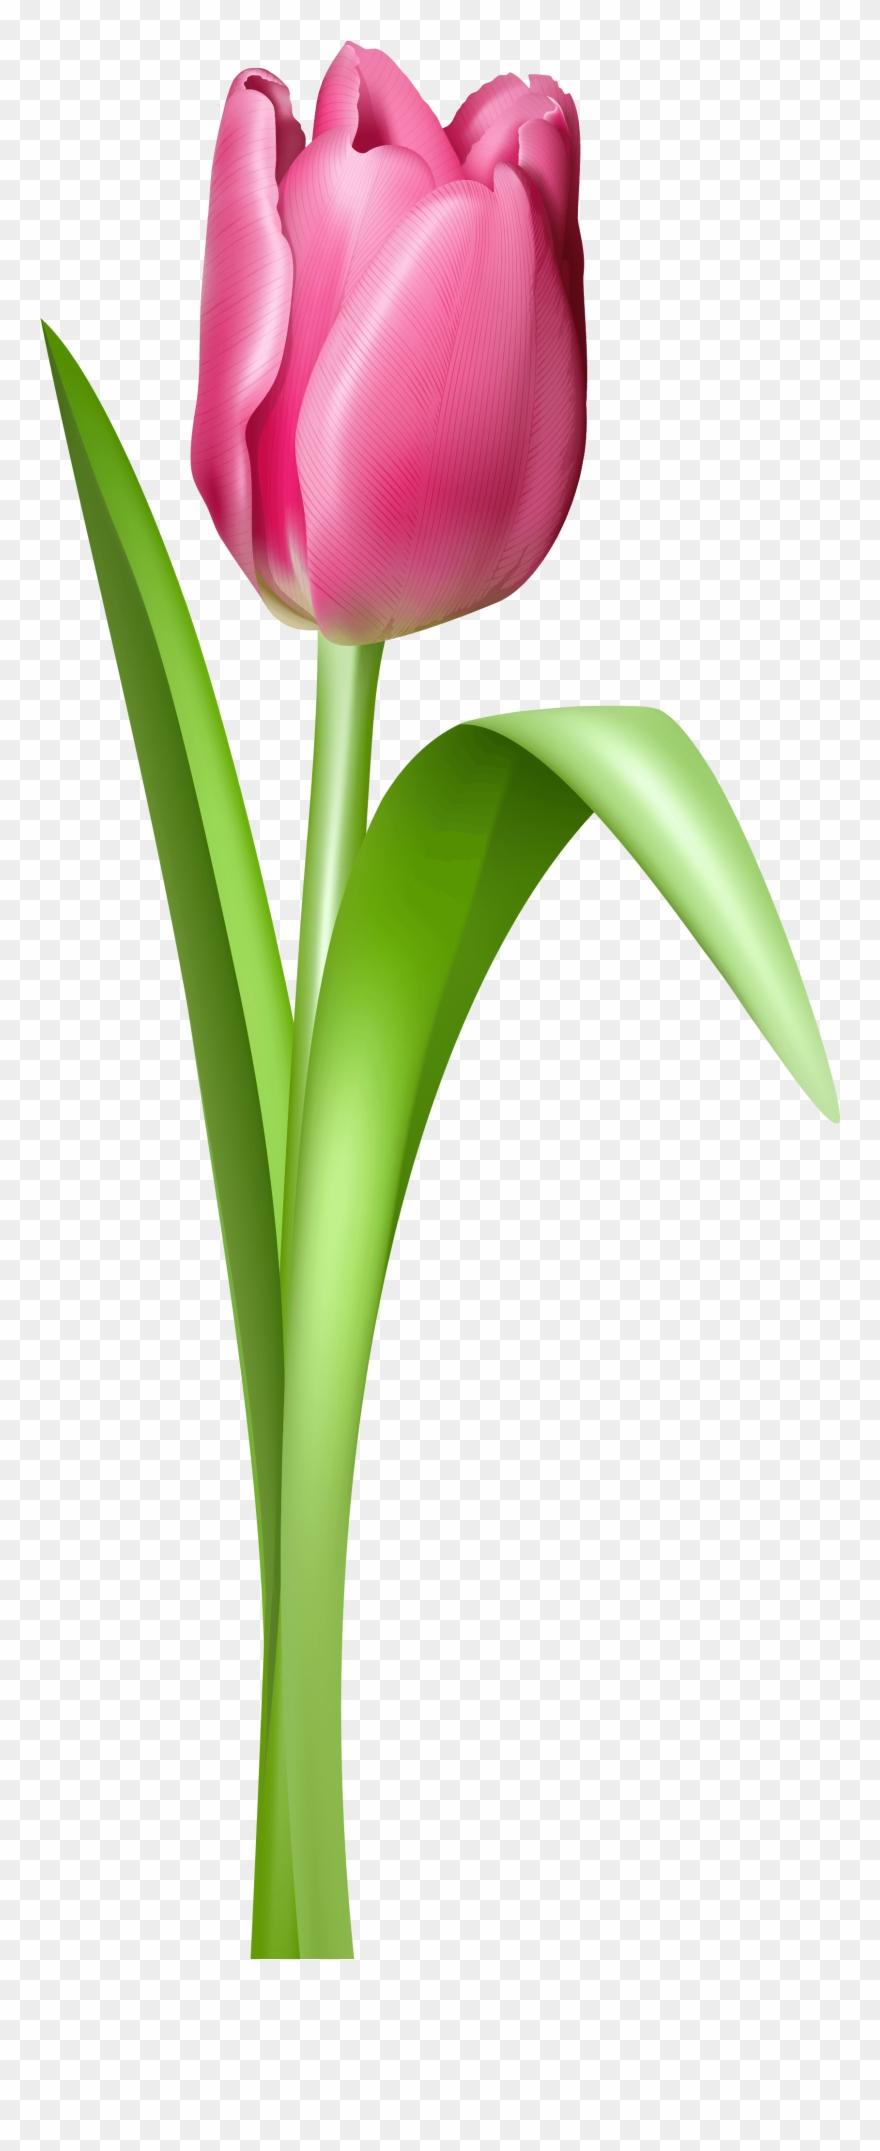 tulip # 5052243